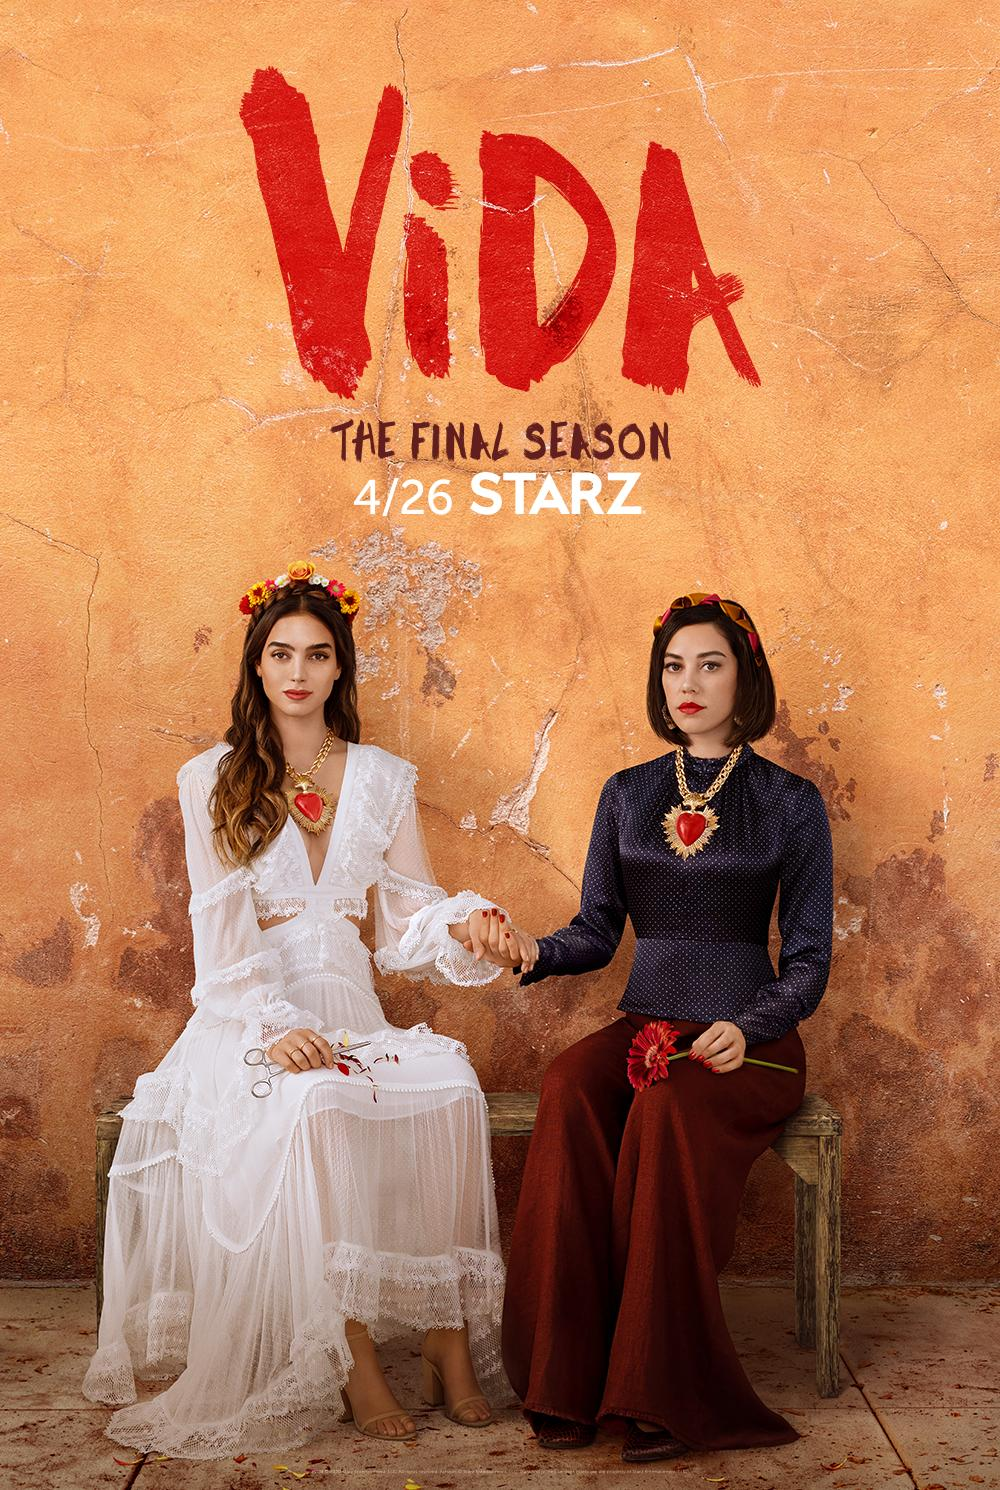 Vida (2018)